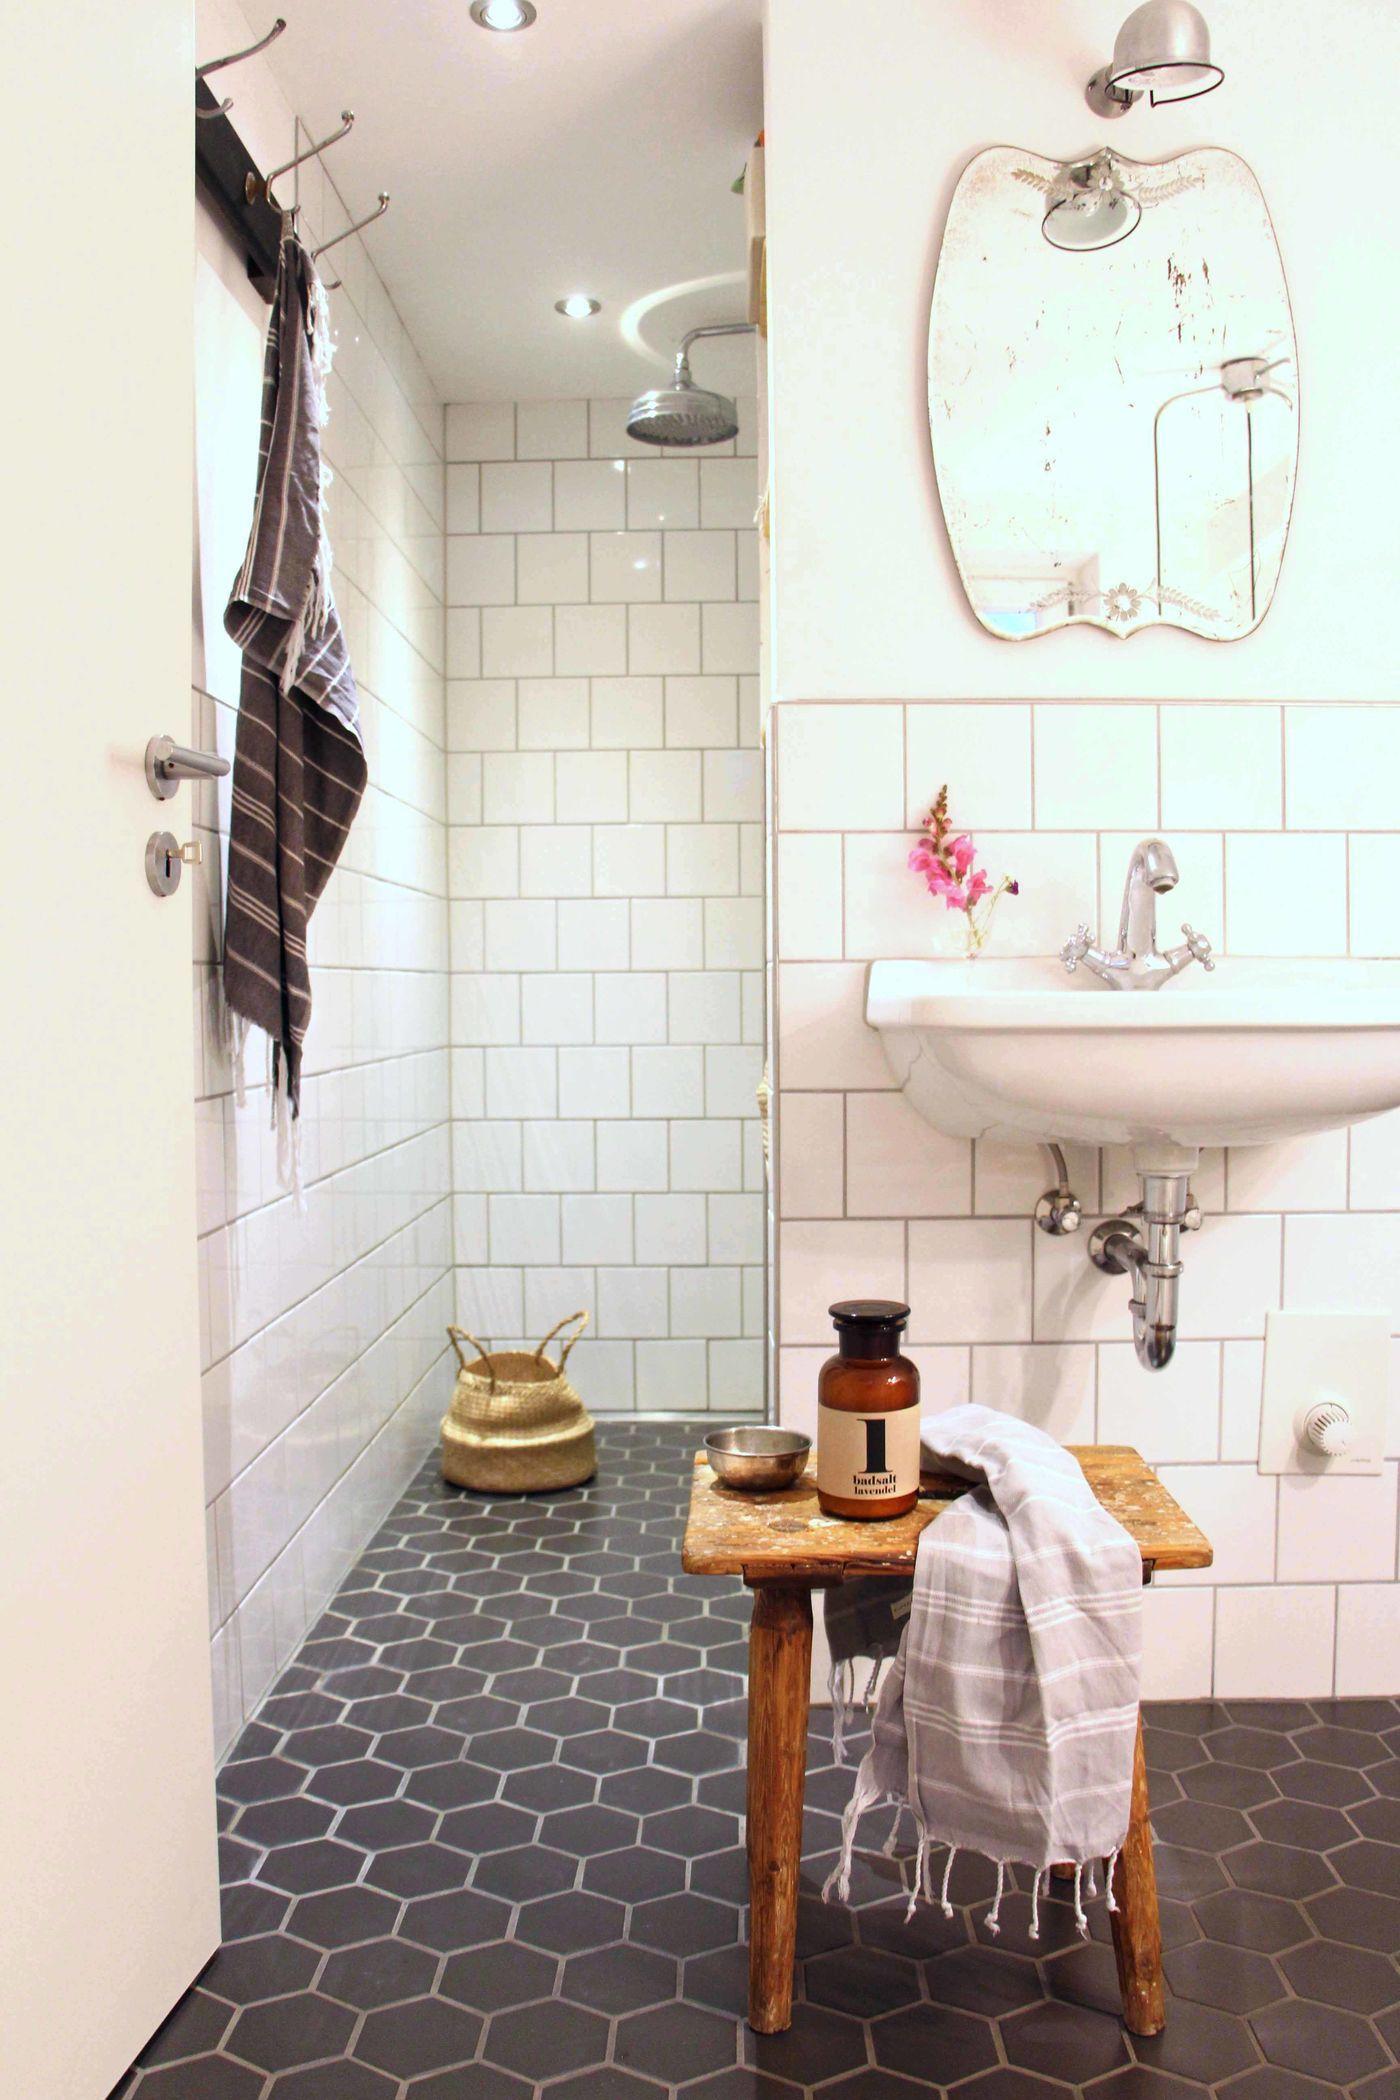 die sch nsten badezimmer ideen seite 2. Black Bedroom Furniture Sets. Home Design Ideas